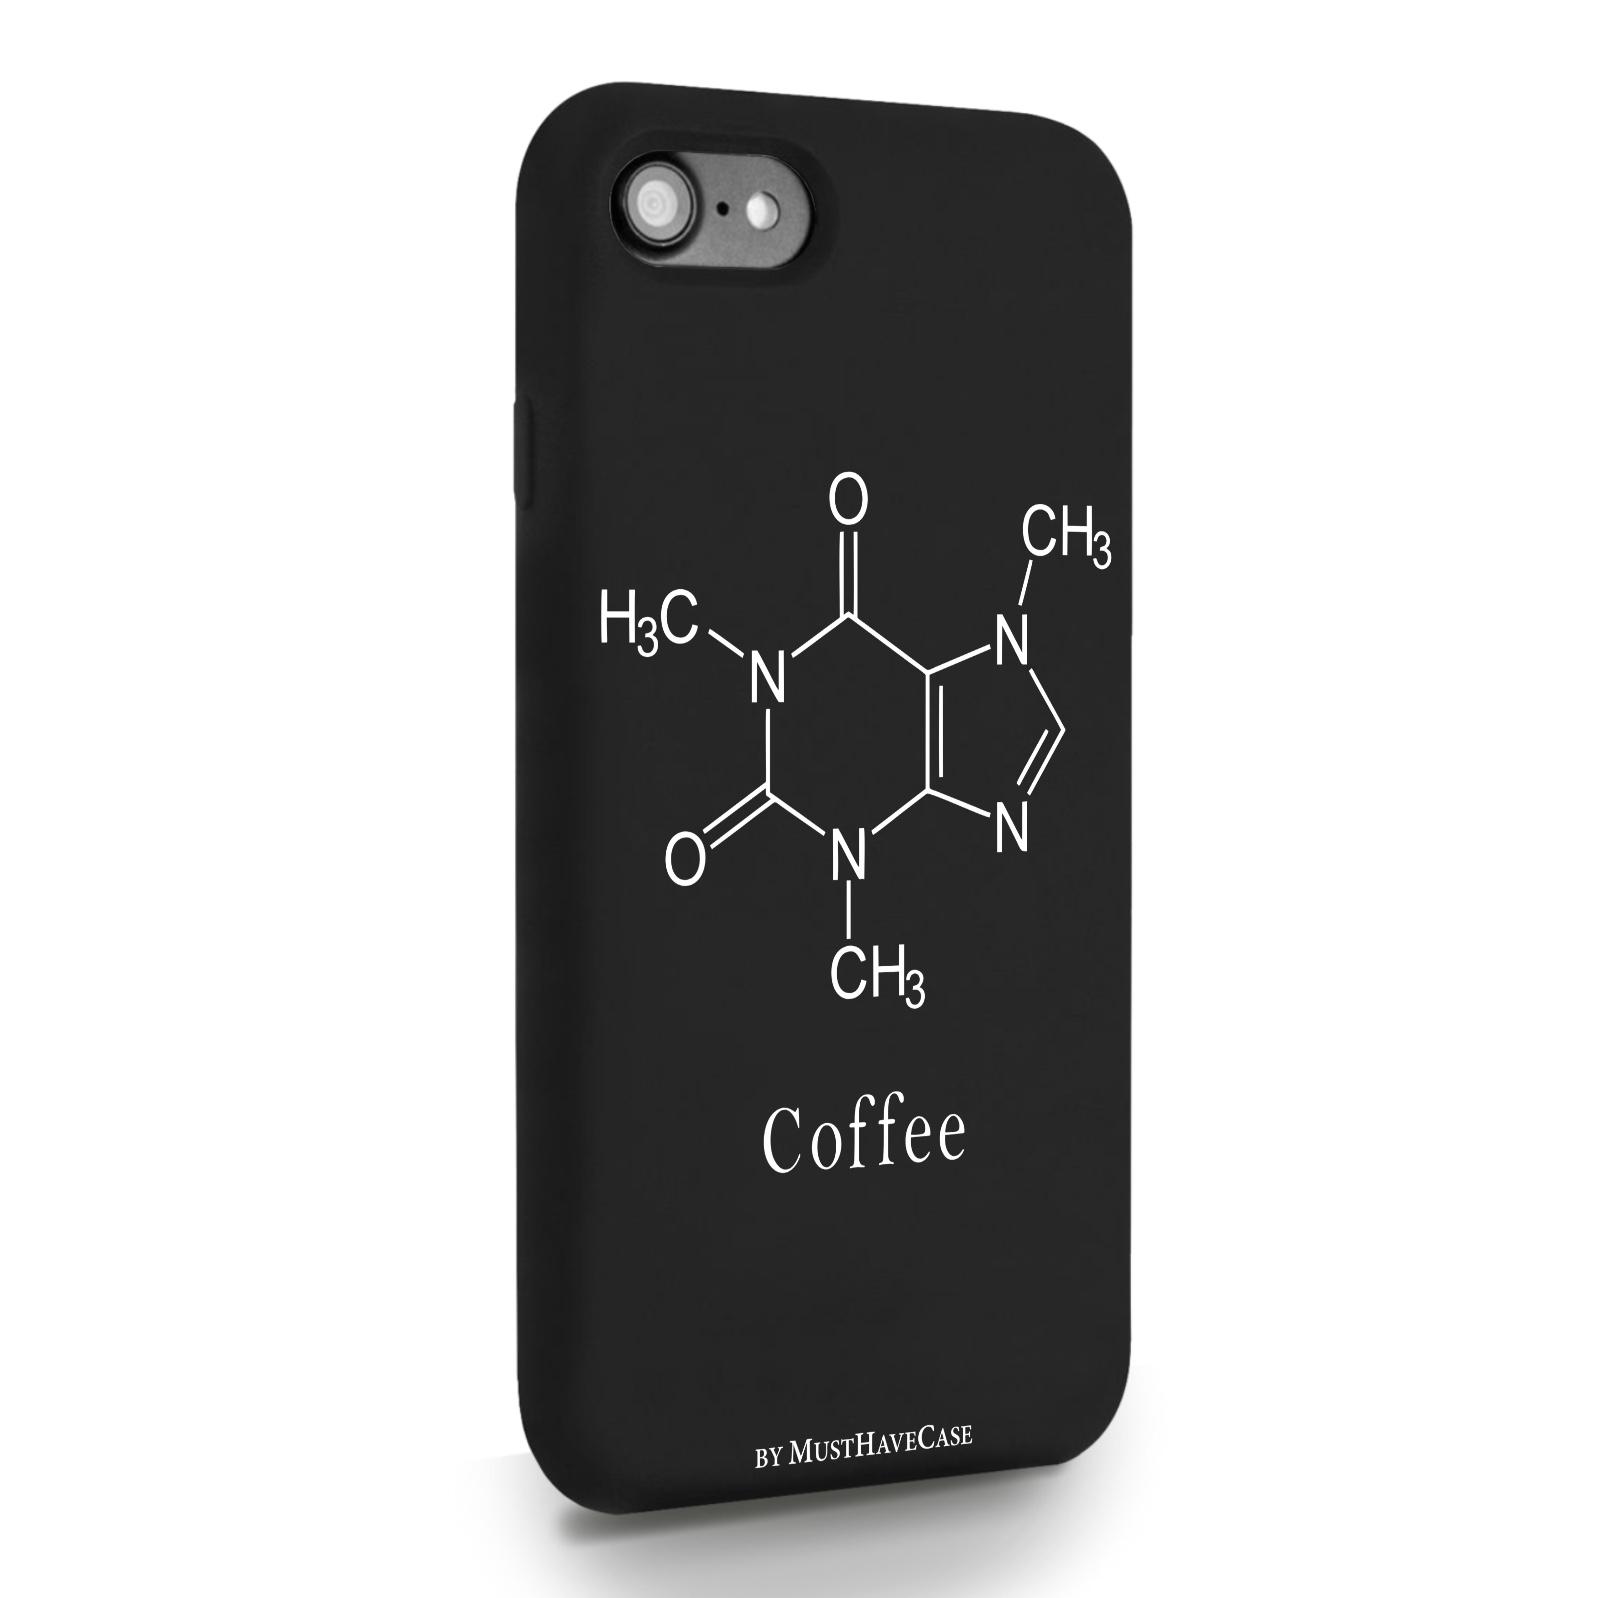 Черный силиконовый чехол для iPhone 7/8/SE2020 Молекула кофе для Айфон 7/8/СЕ2020